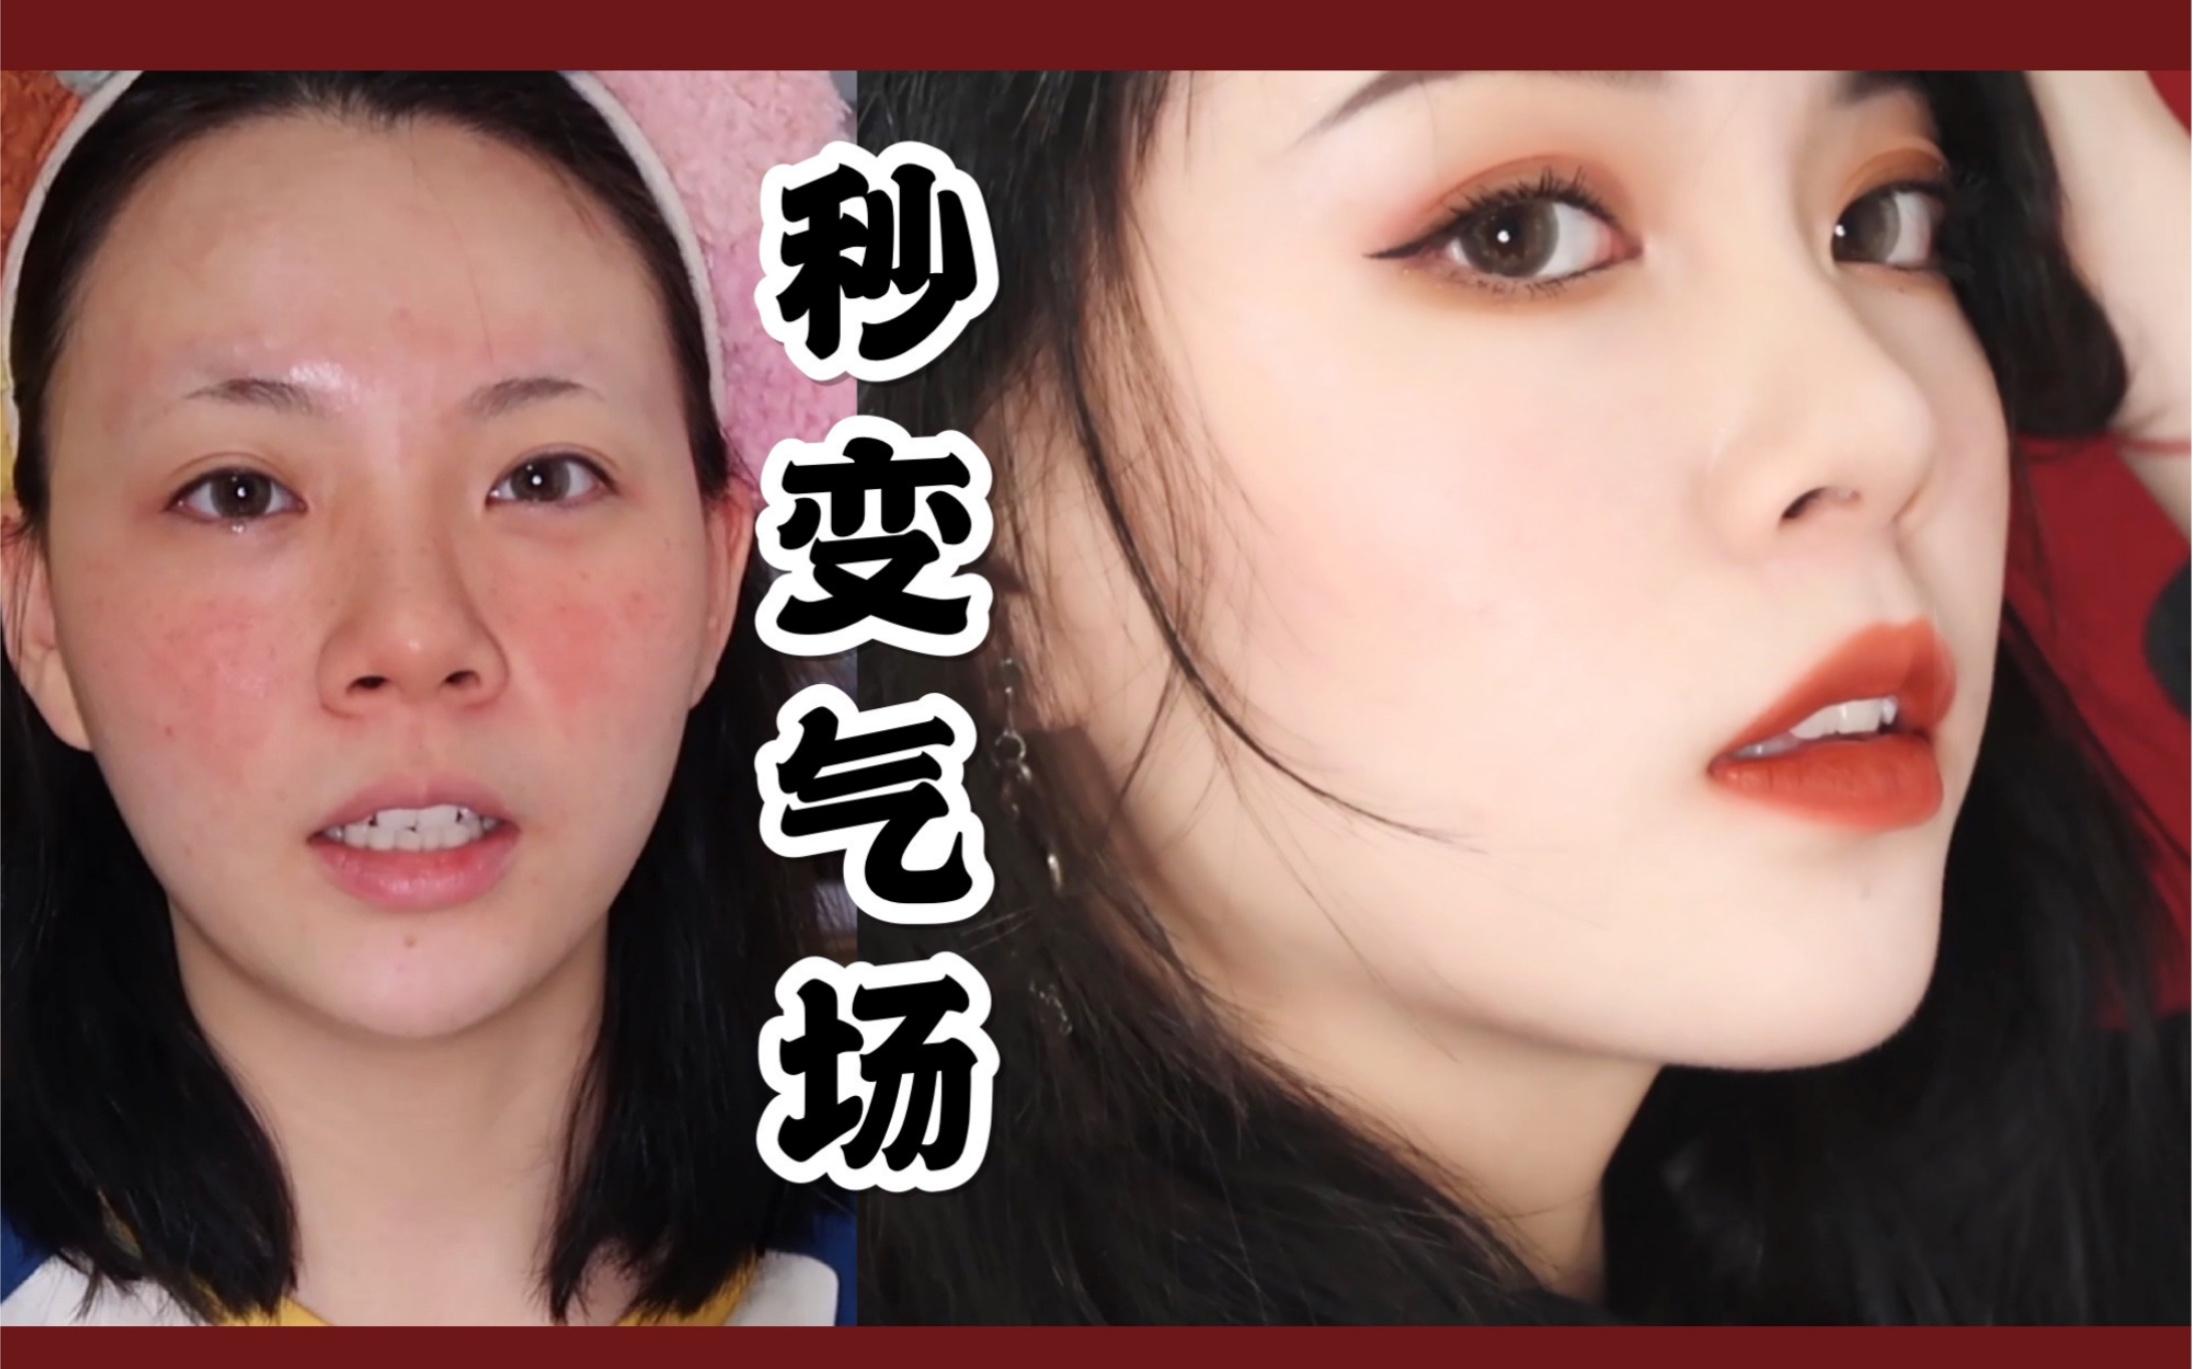 【嫂】秒变坏姐姐?保姆级变脸术!简单又出彩酷女孩妆容!